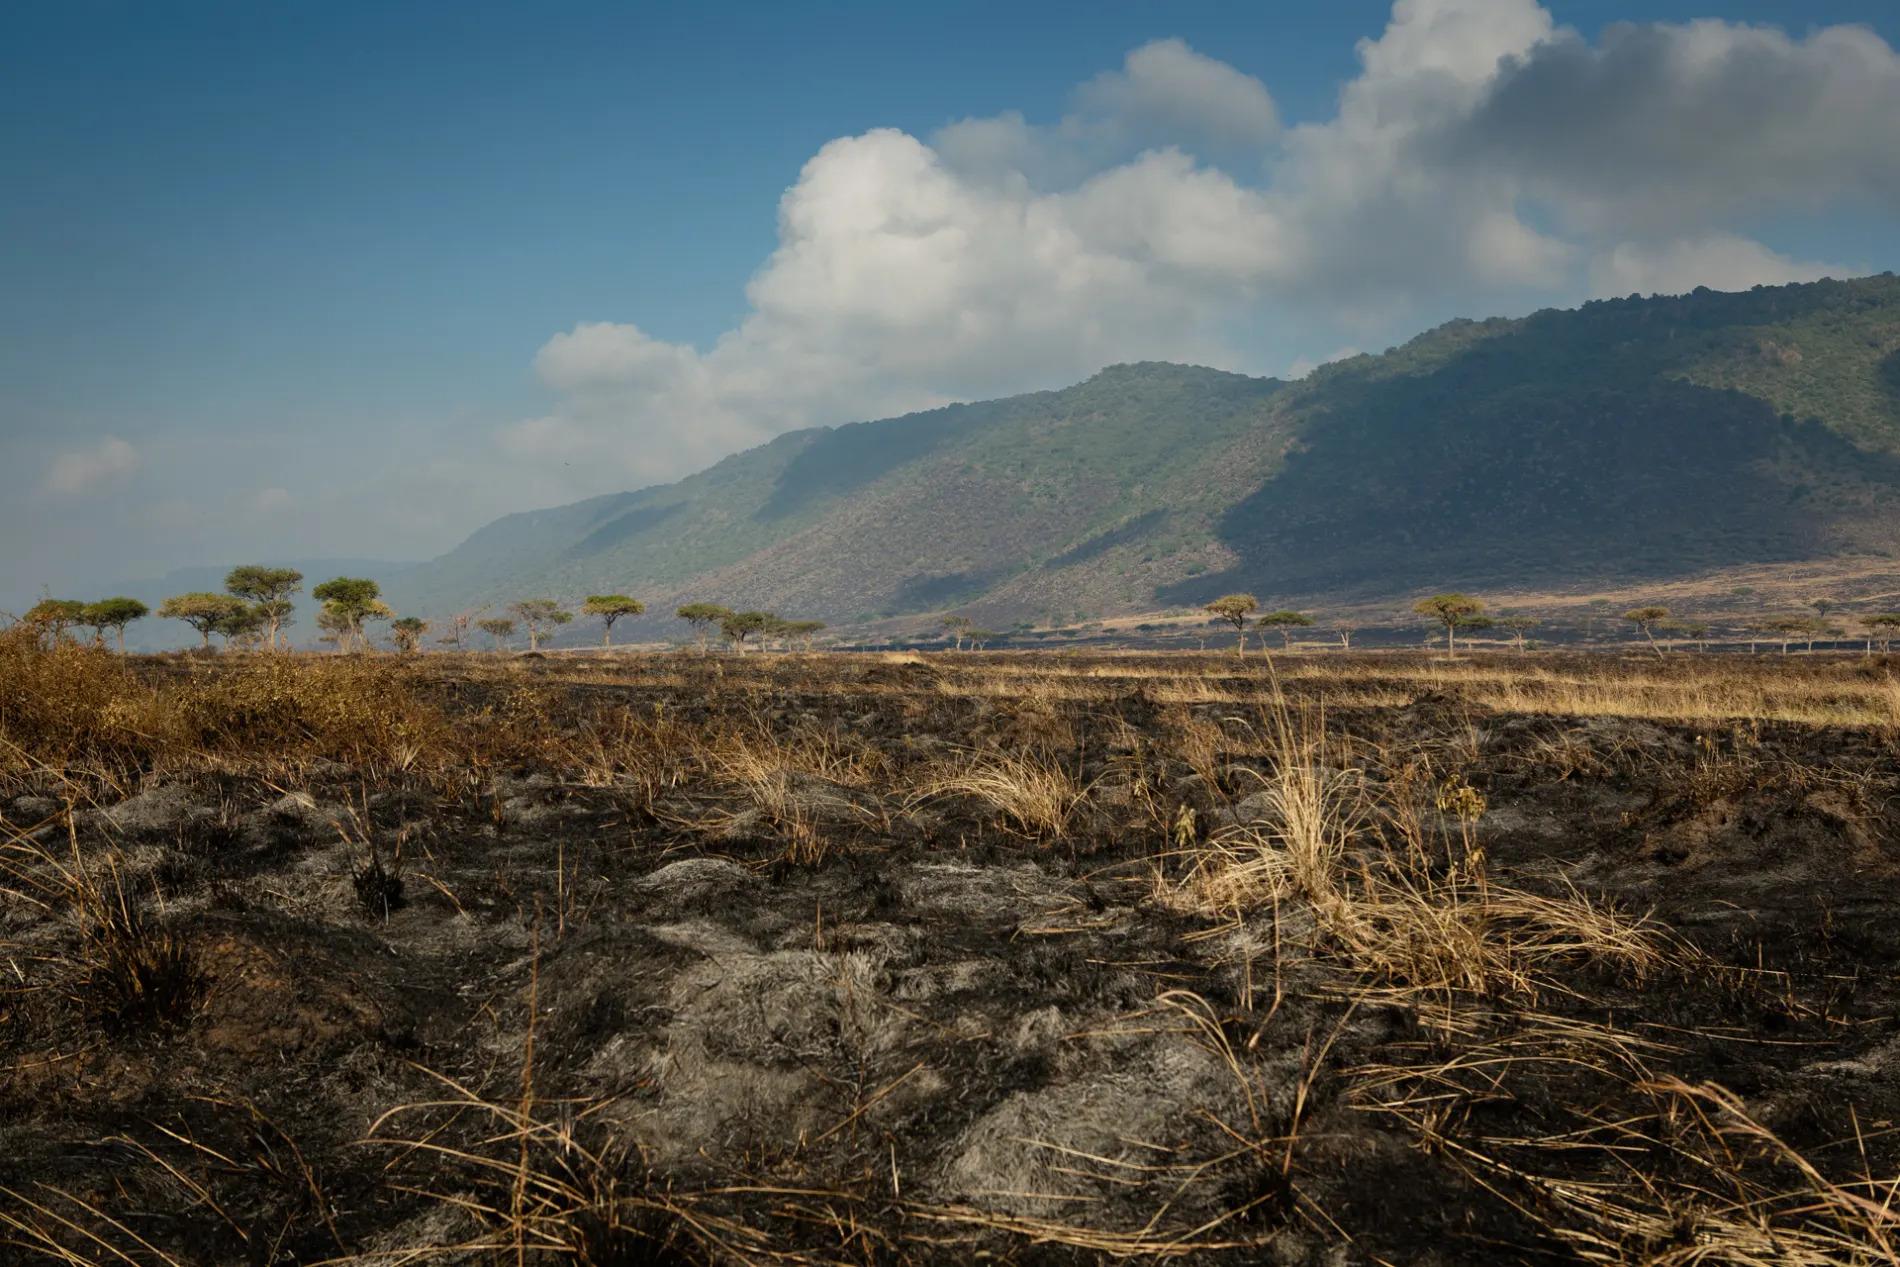 Burnt Grass from Fire